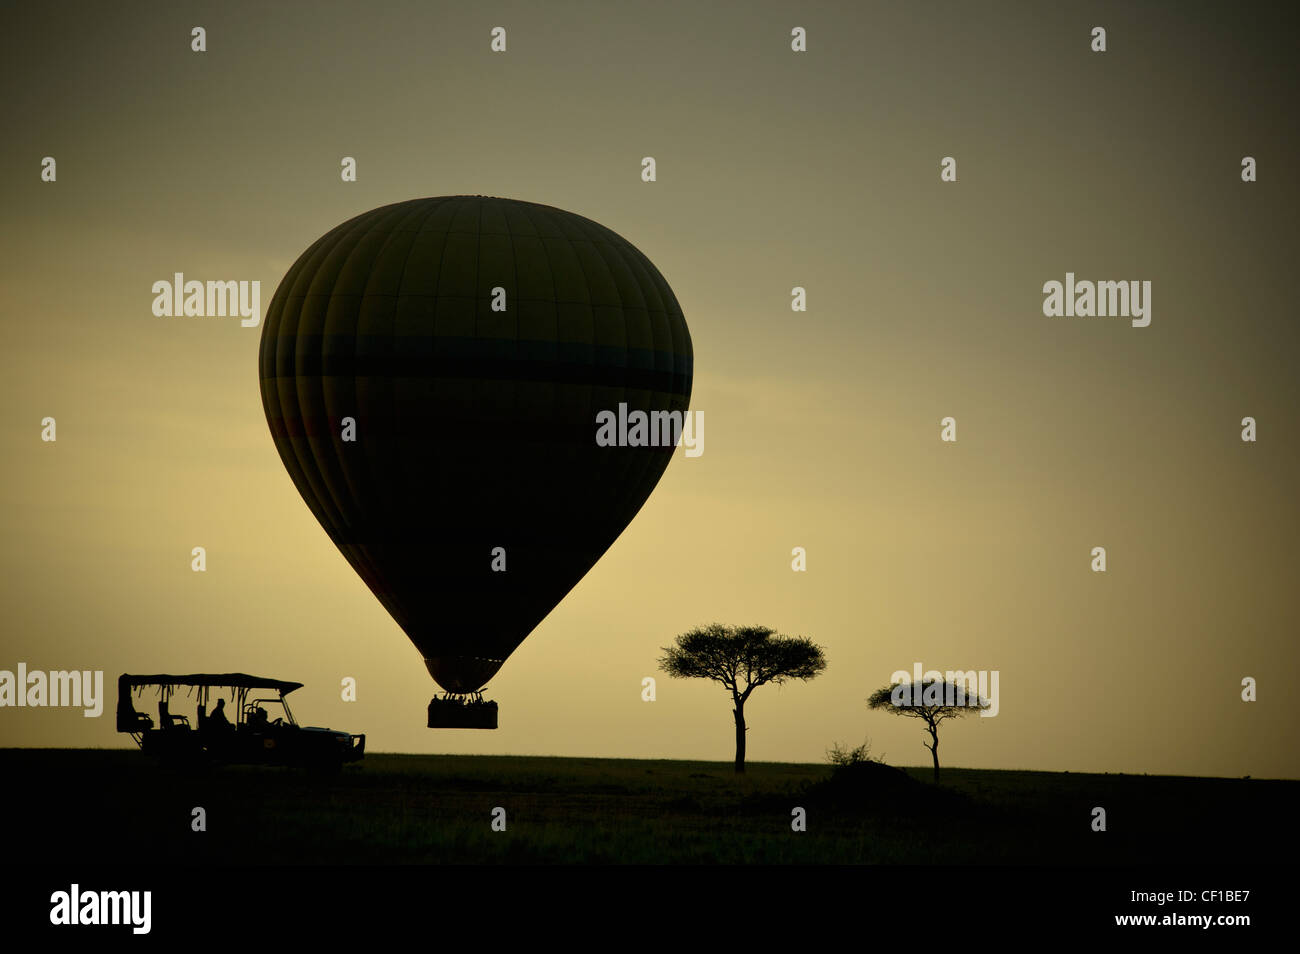 Silhouette von einem Heißluftballon Cart und Bäume bei Sonnenuntergang; Masai Mara Kenia Stockbild